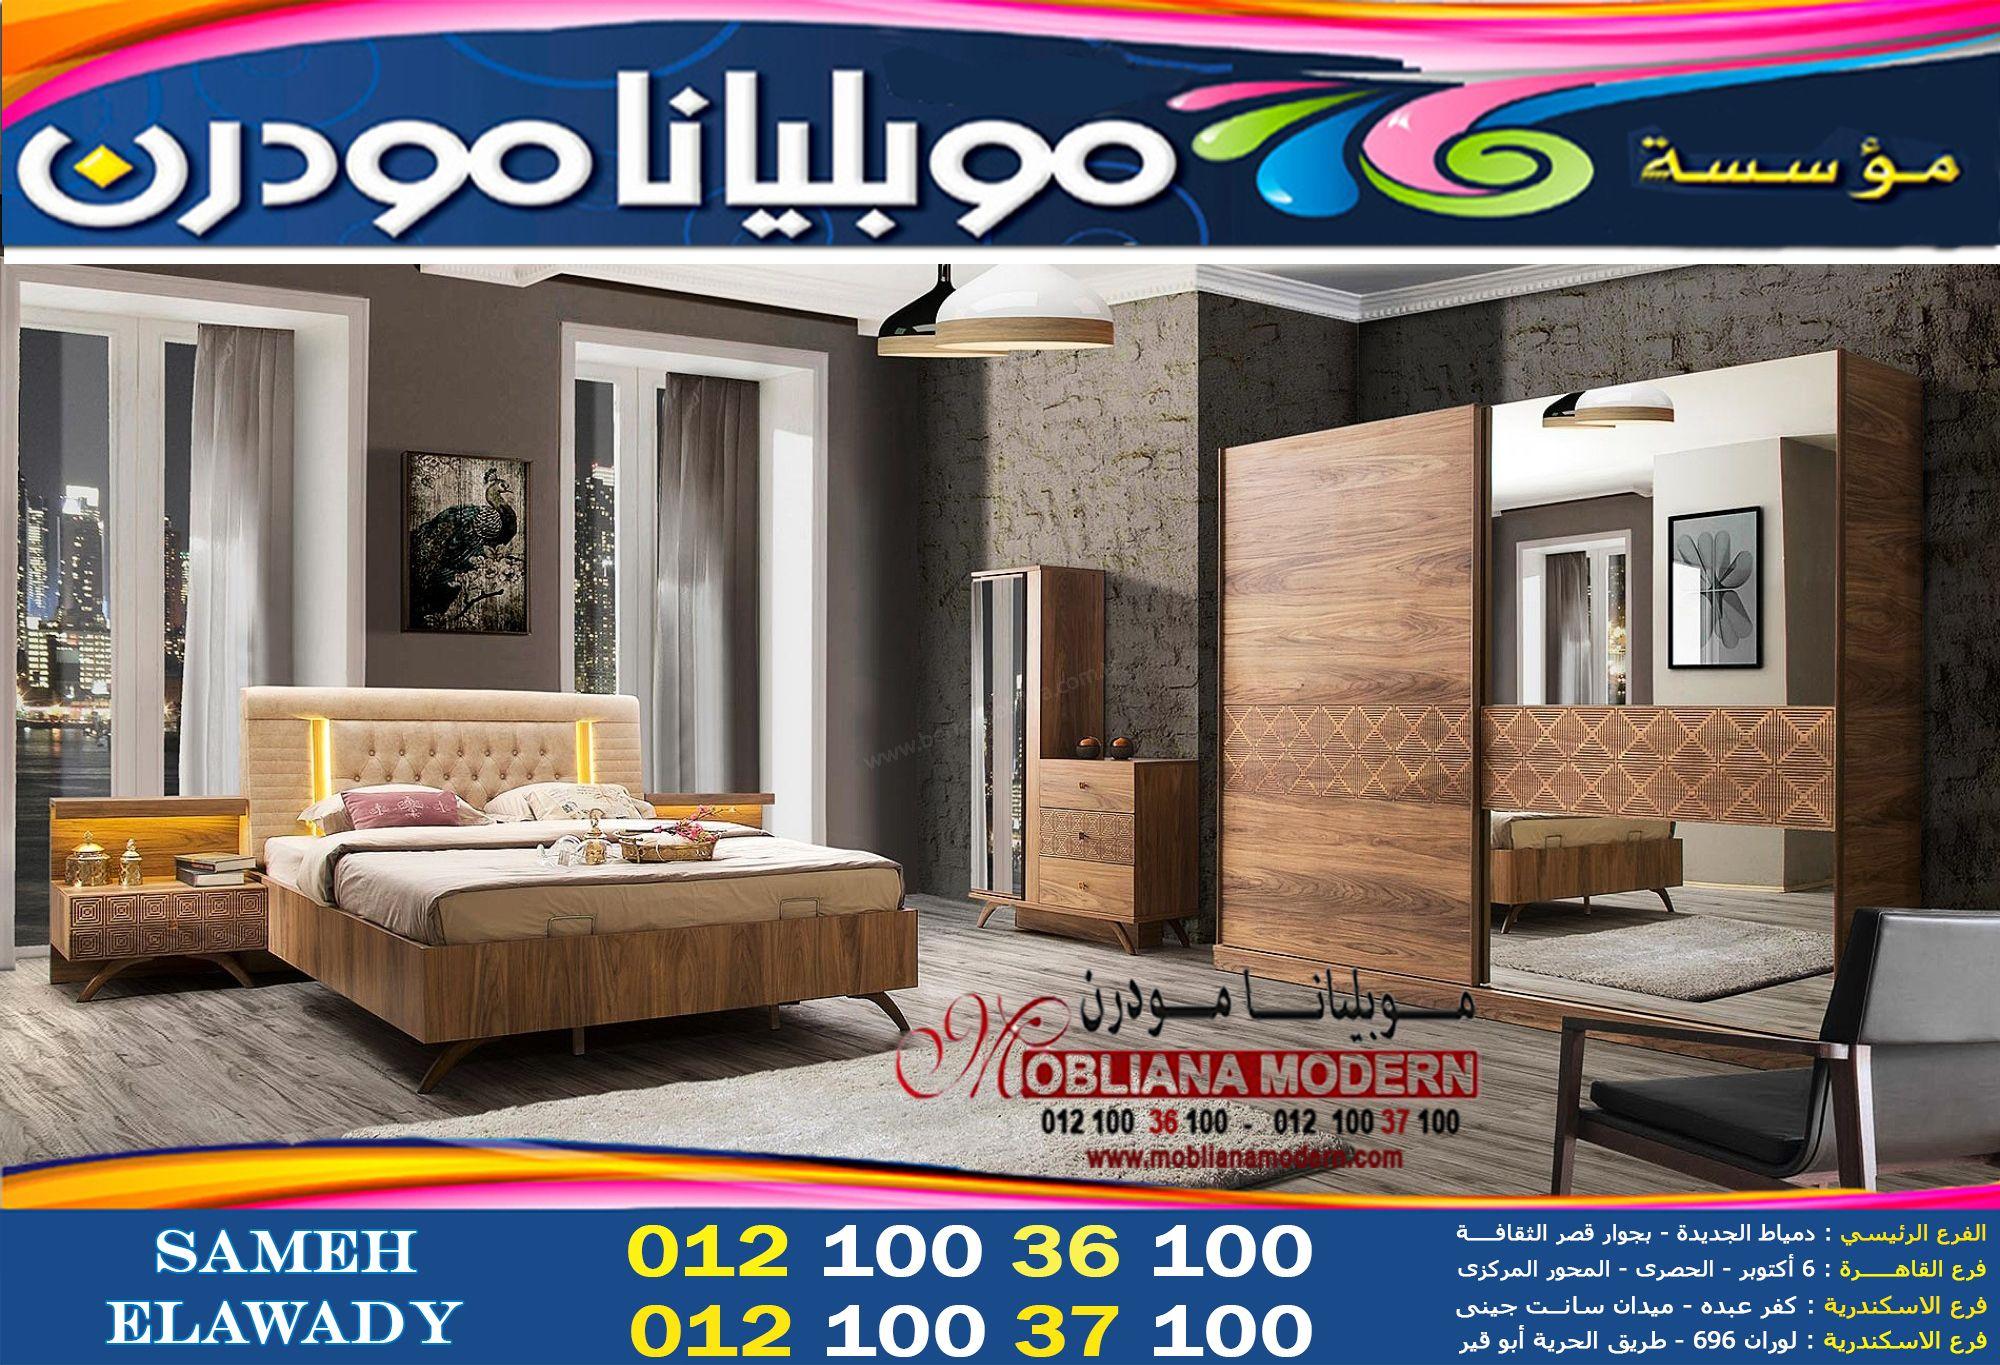 غرف نوم دمياط والقاهرة والاسكندرية In 2021 Outdoor Decor Bedroom Home